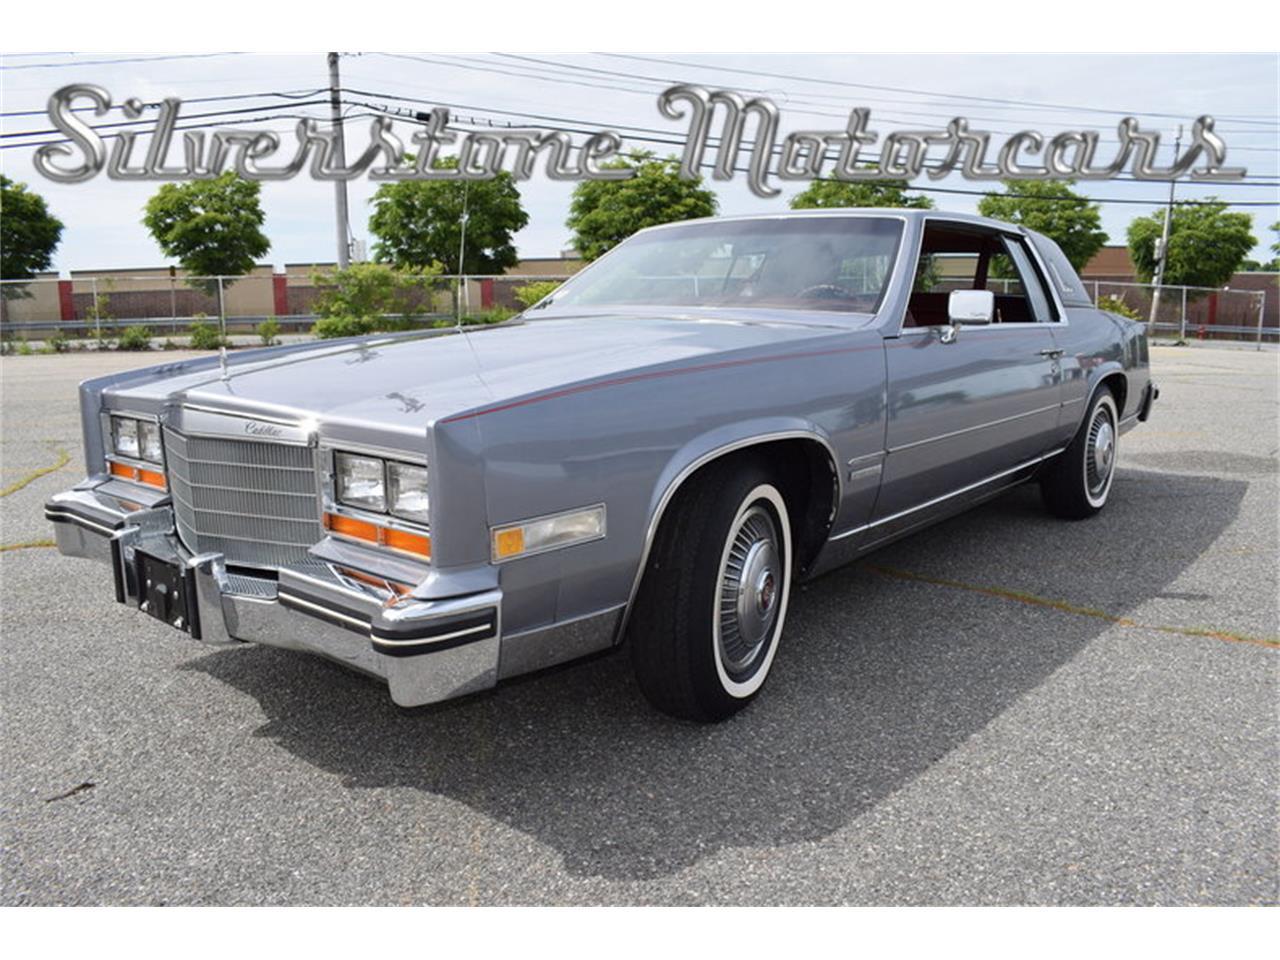 1982 Cadillac Eldorado For Sale Classiccars Com Cc 1101719